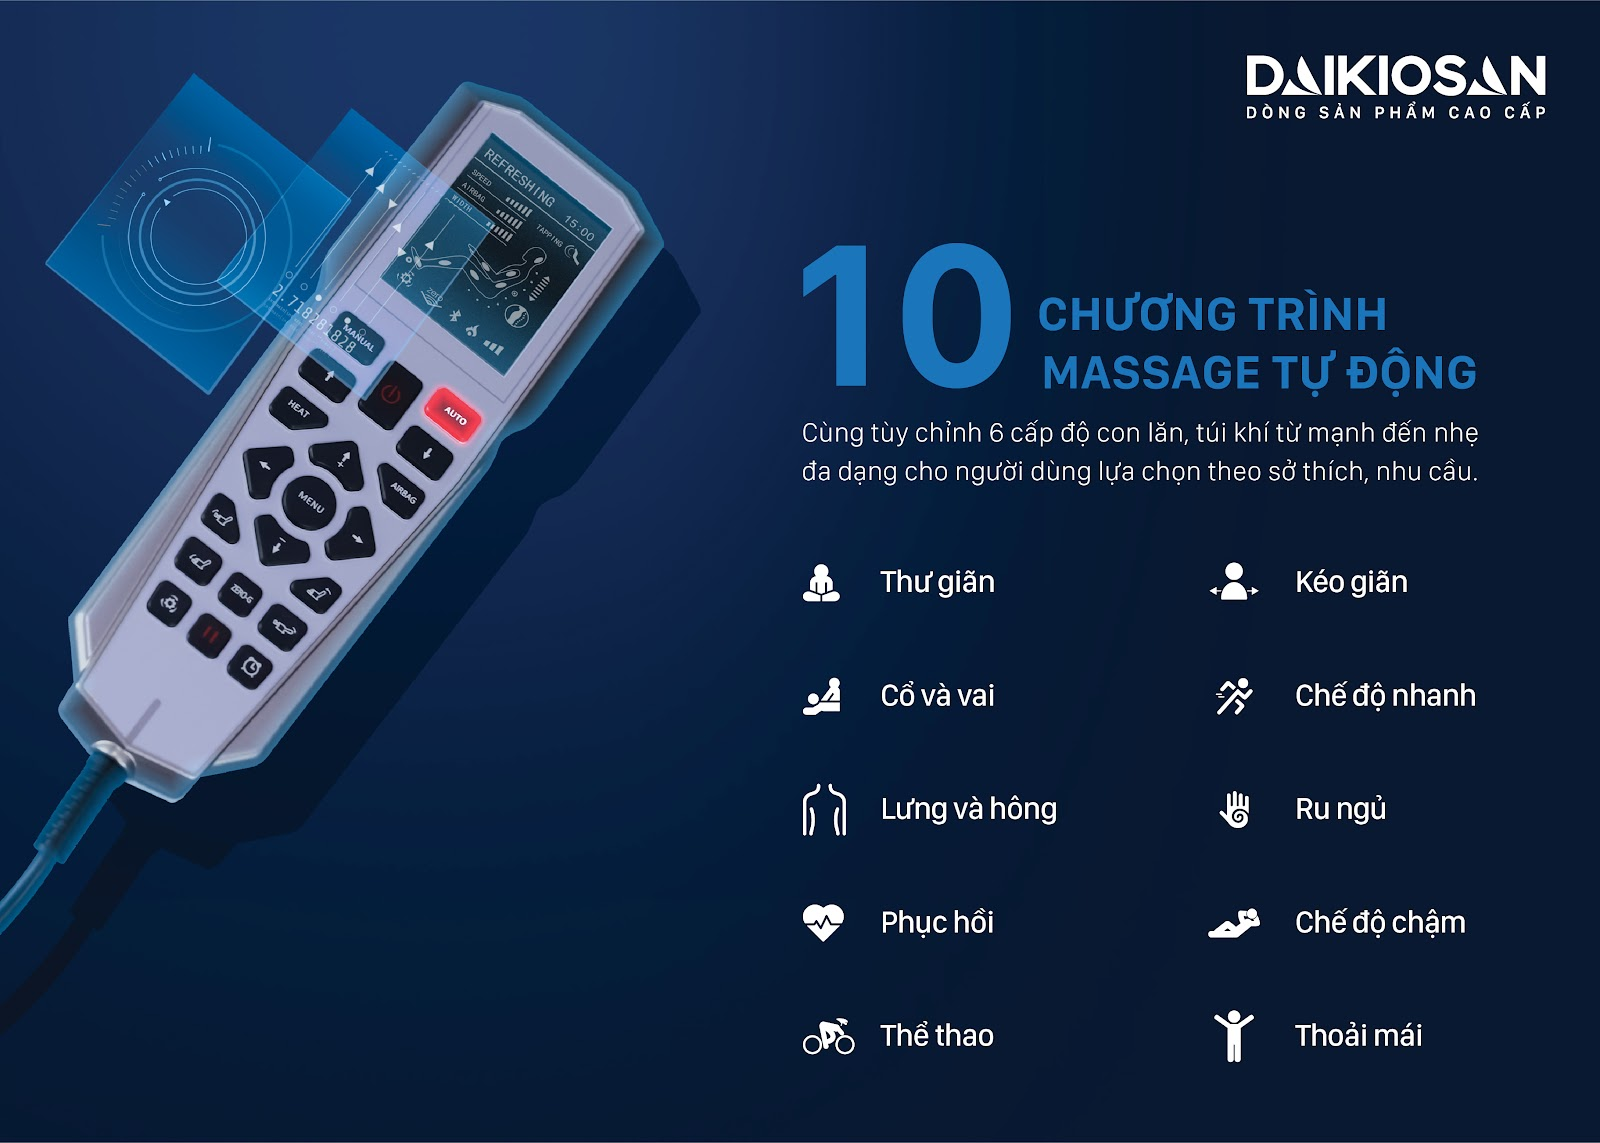 10 chương trình massage tự động